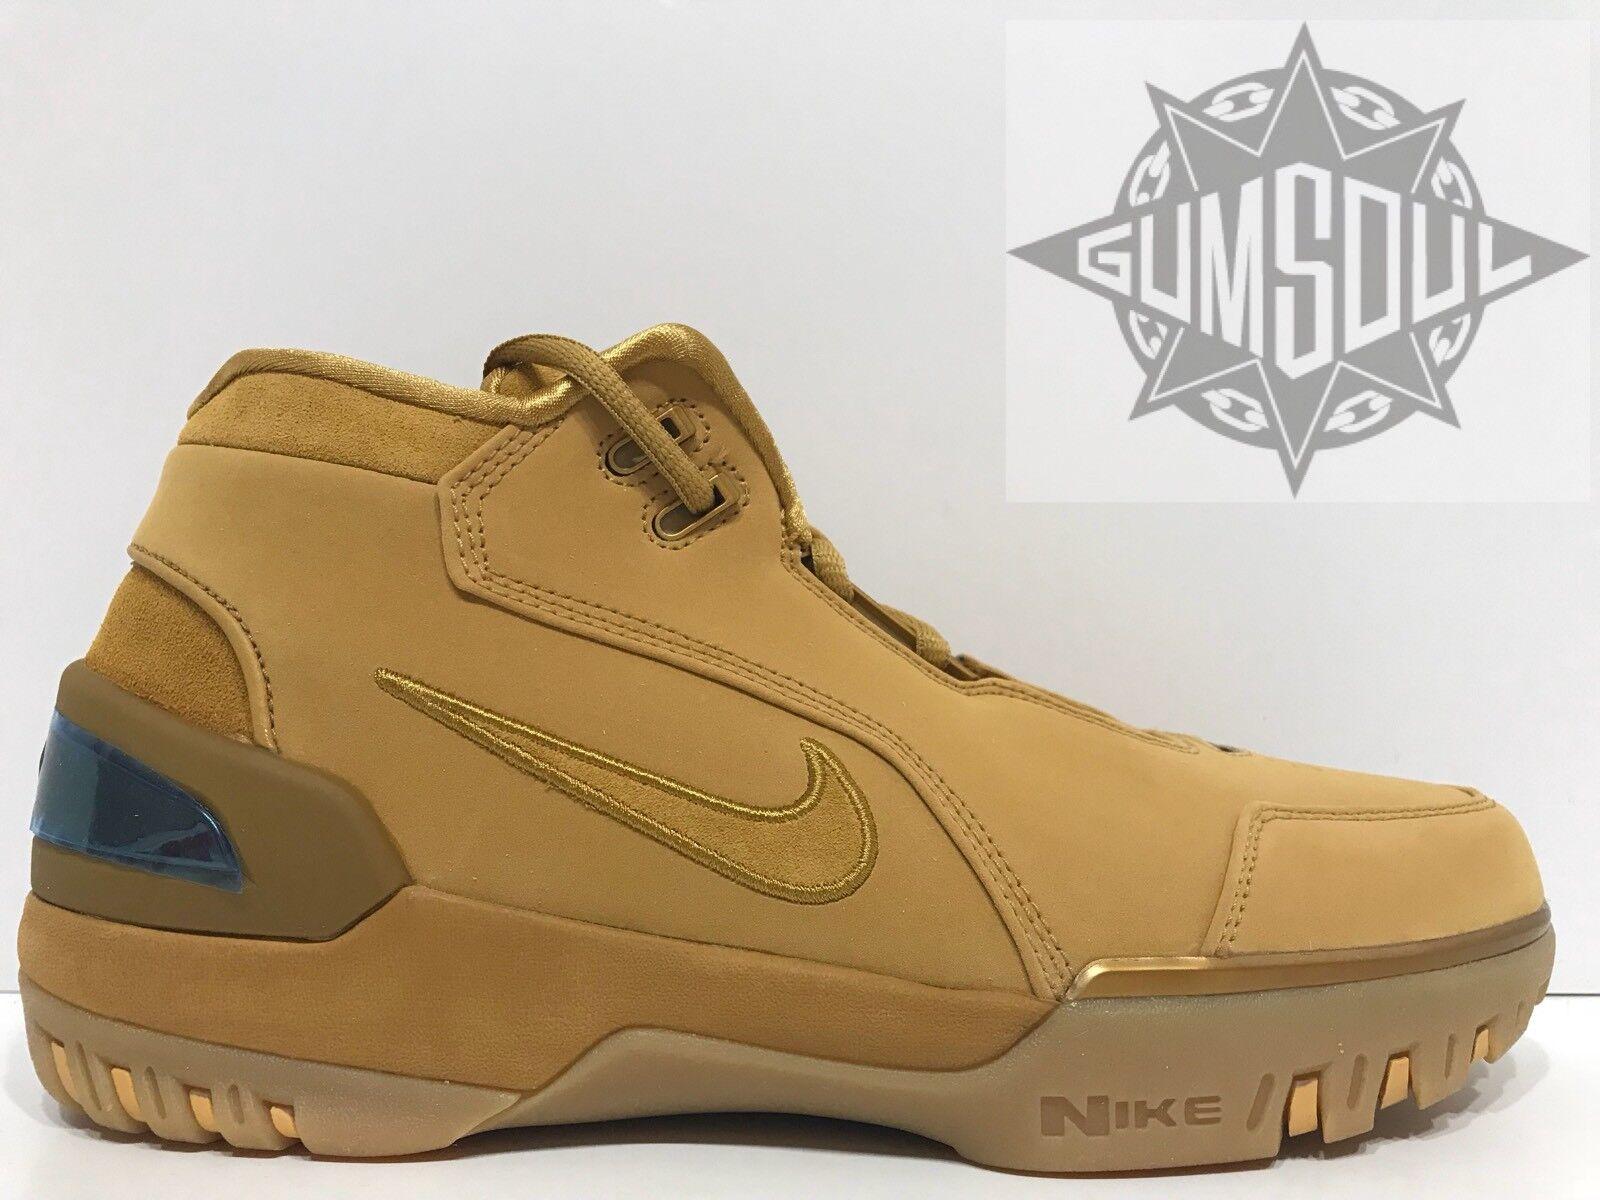 Nike air zoom generazione asg qs lebron la stella d'oro di grano aq0110 700 sz - 8